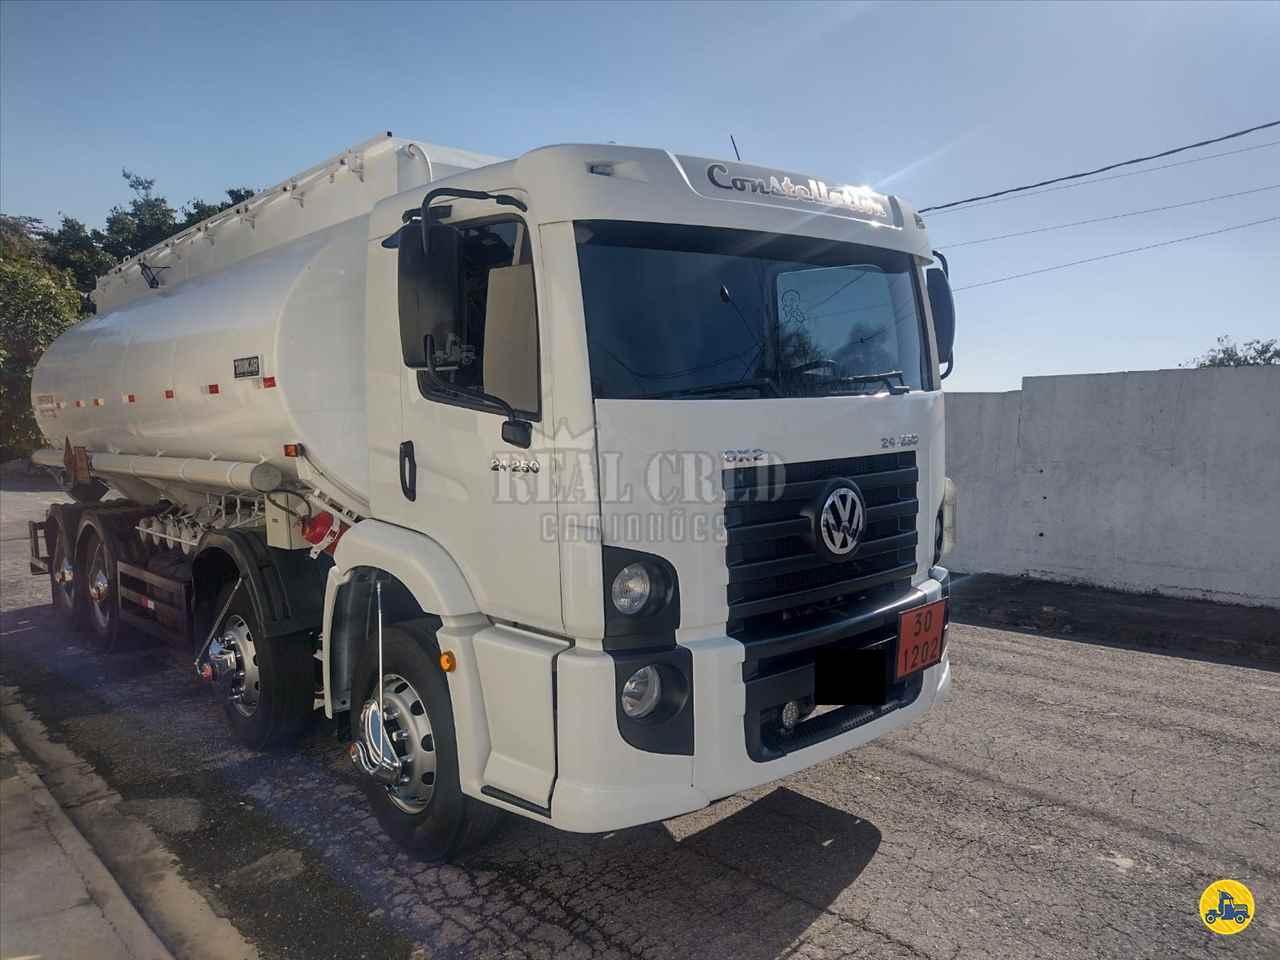 CAMINHAO VOLKSWAGEN VW 24250 Tanque Aço BiTruck 8x2 Real Cred Caminhões PIEDADE SÃO PAULO SP